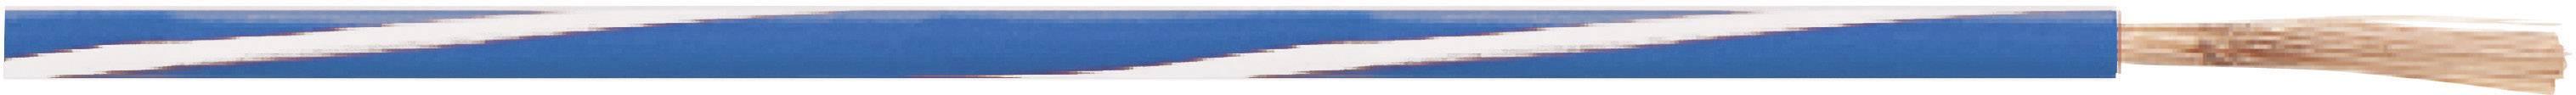 Opletenie / lanko LappKabel 4512353S X05V-K, 1 x 1 mm², vonkajší Ø 2.60 mm, metrový tovar, fialová, čierna